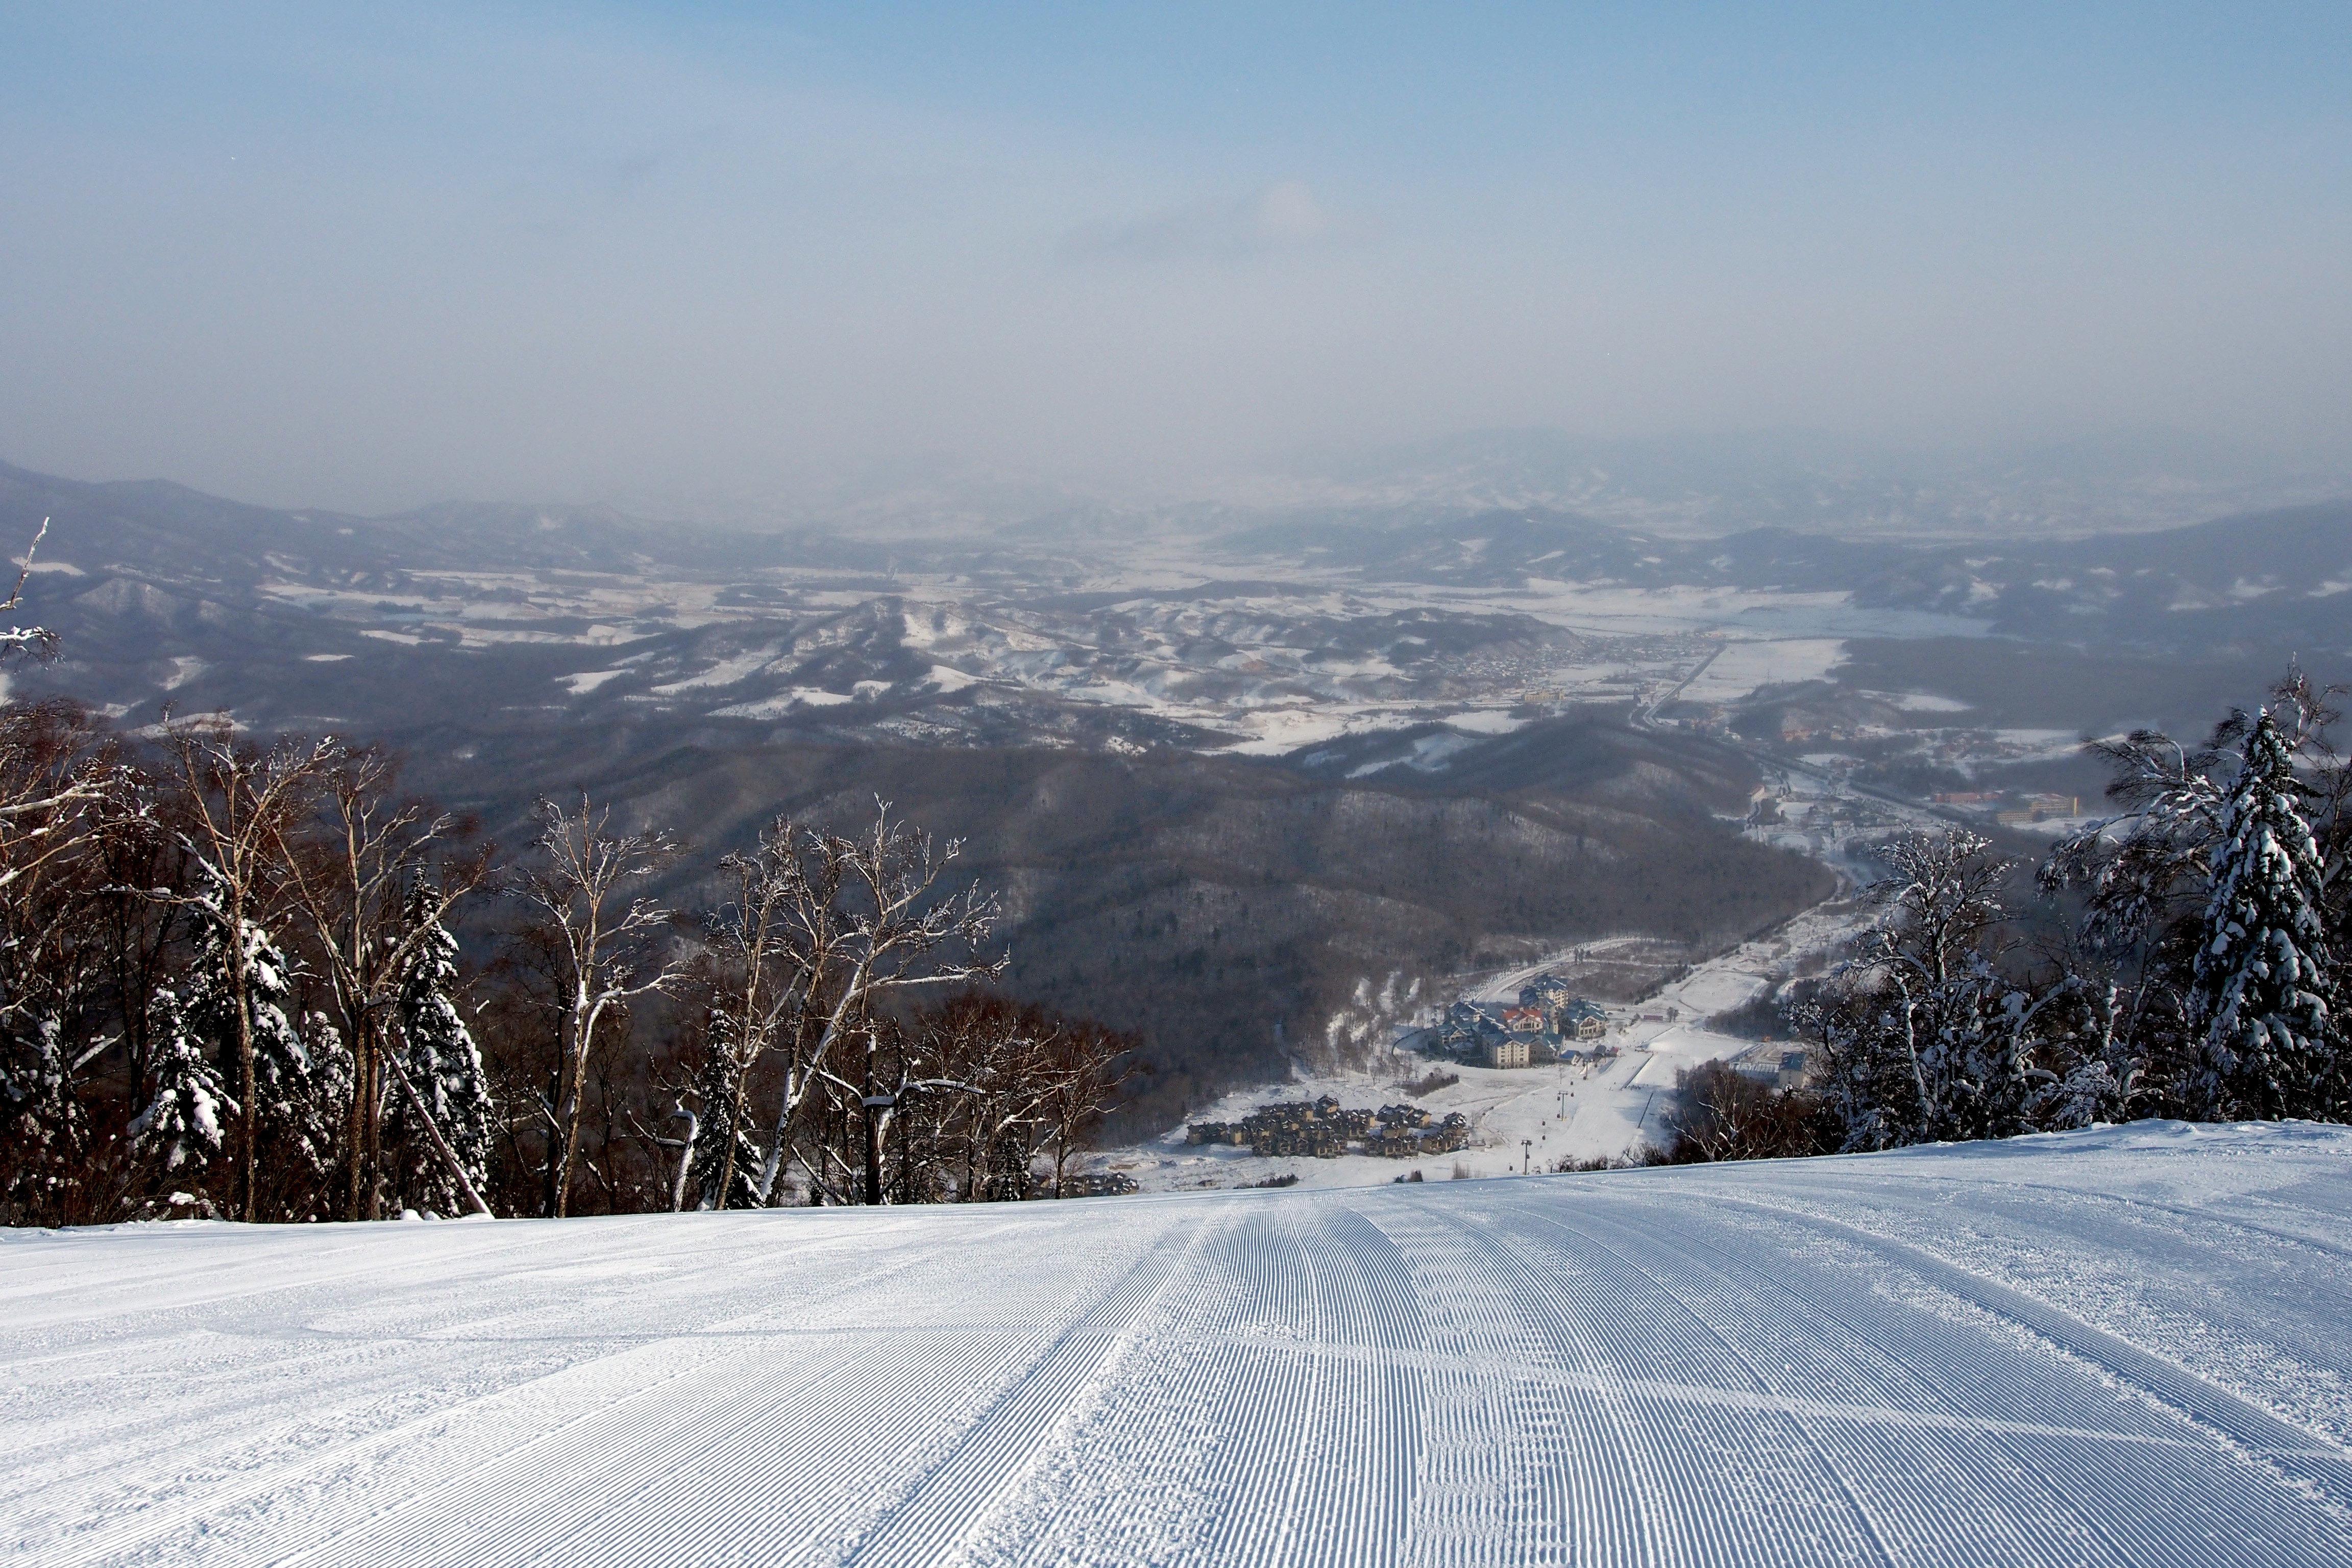 亞布力滑雪旅遊度假區+中國雪鄉+夢幻家園二日游(哈爾濱出發:獨立小包團,買大送小,贈雪鏡)